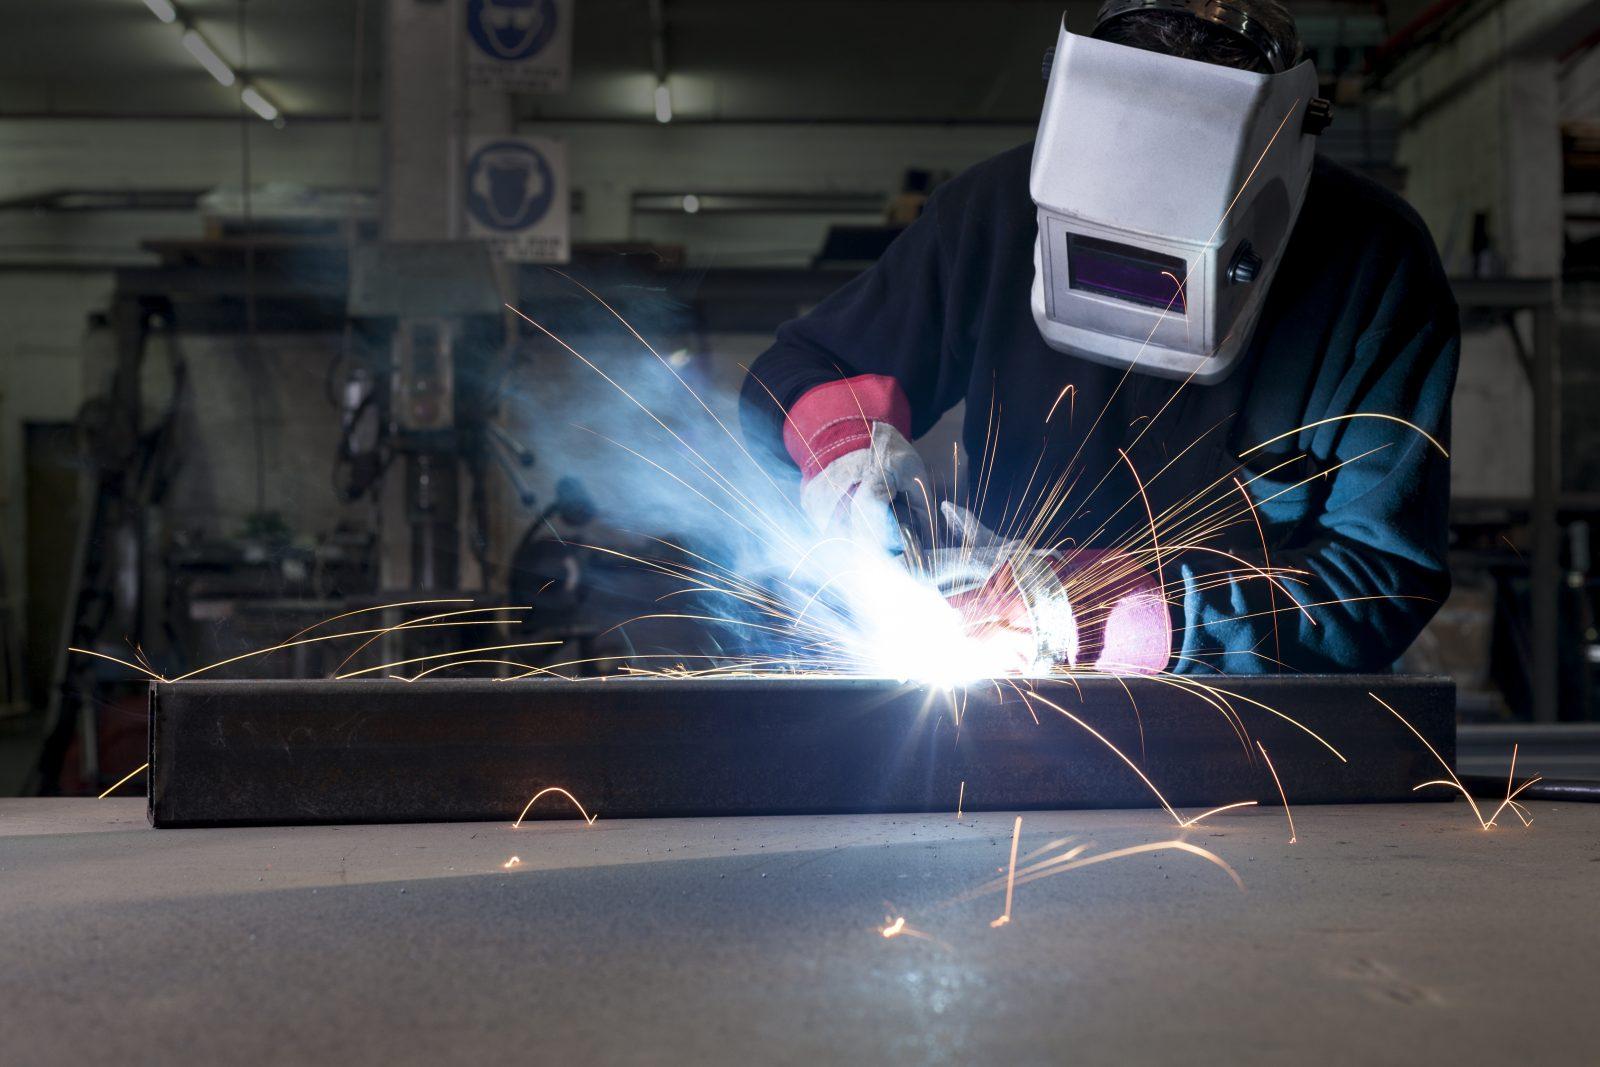 Moins d'investissements et perte de 200 emplois dans le secteur manufacturier